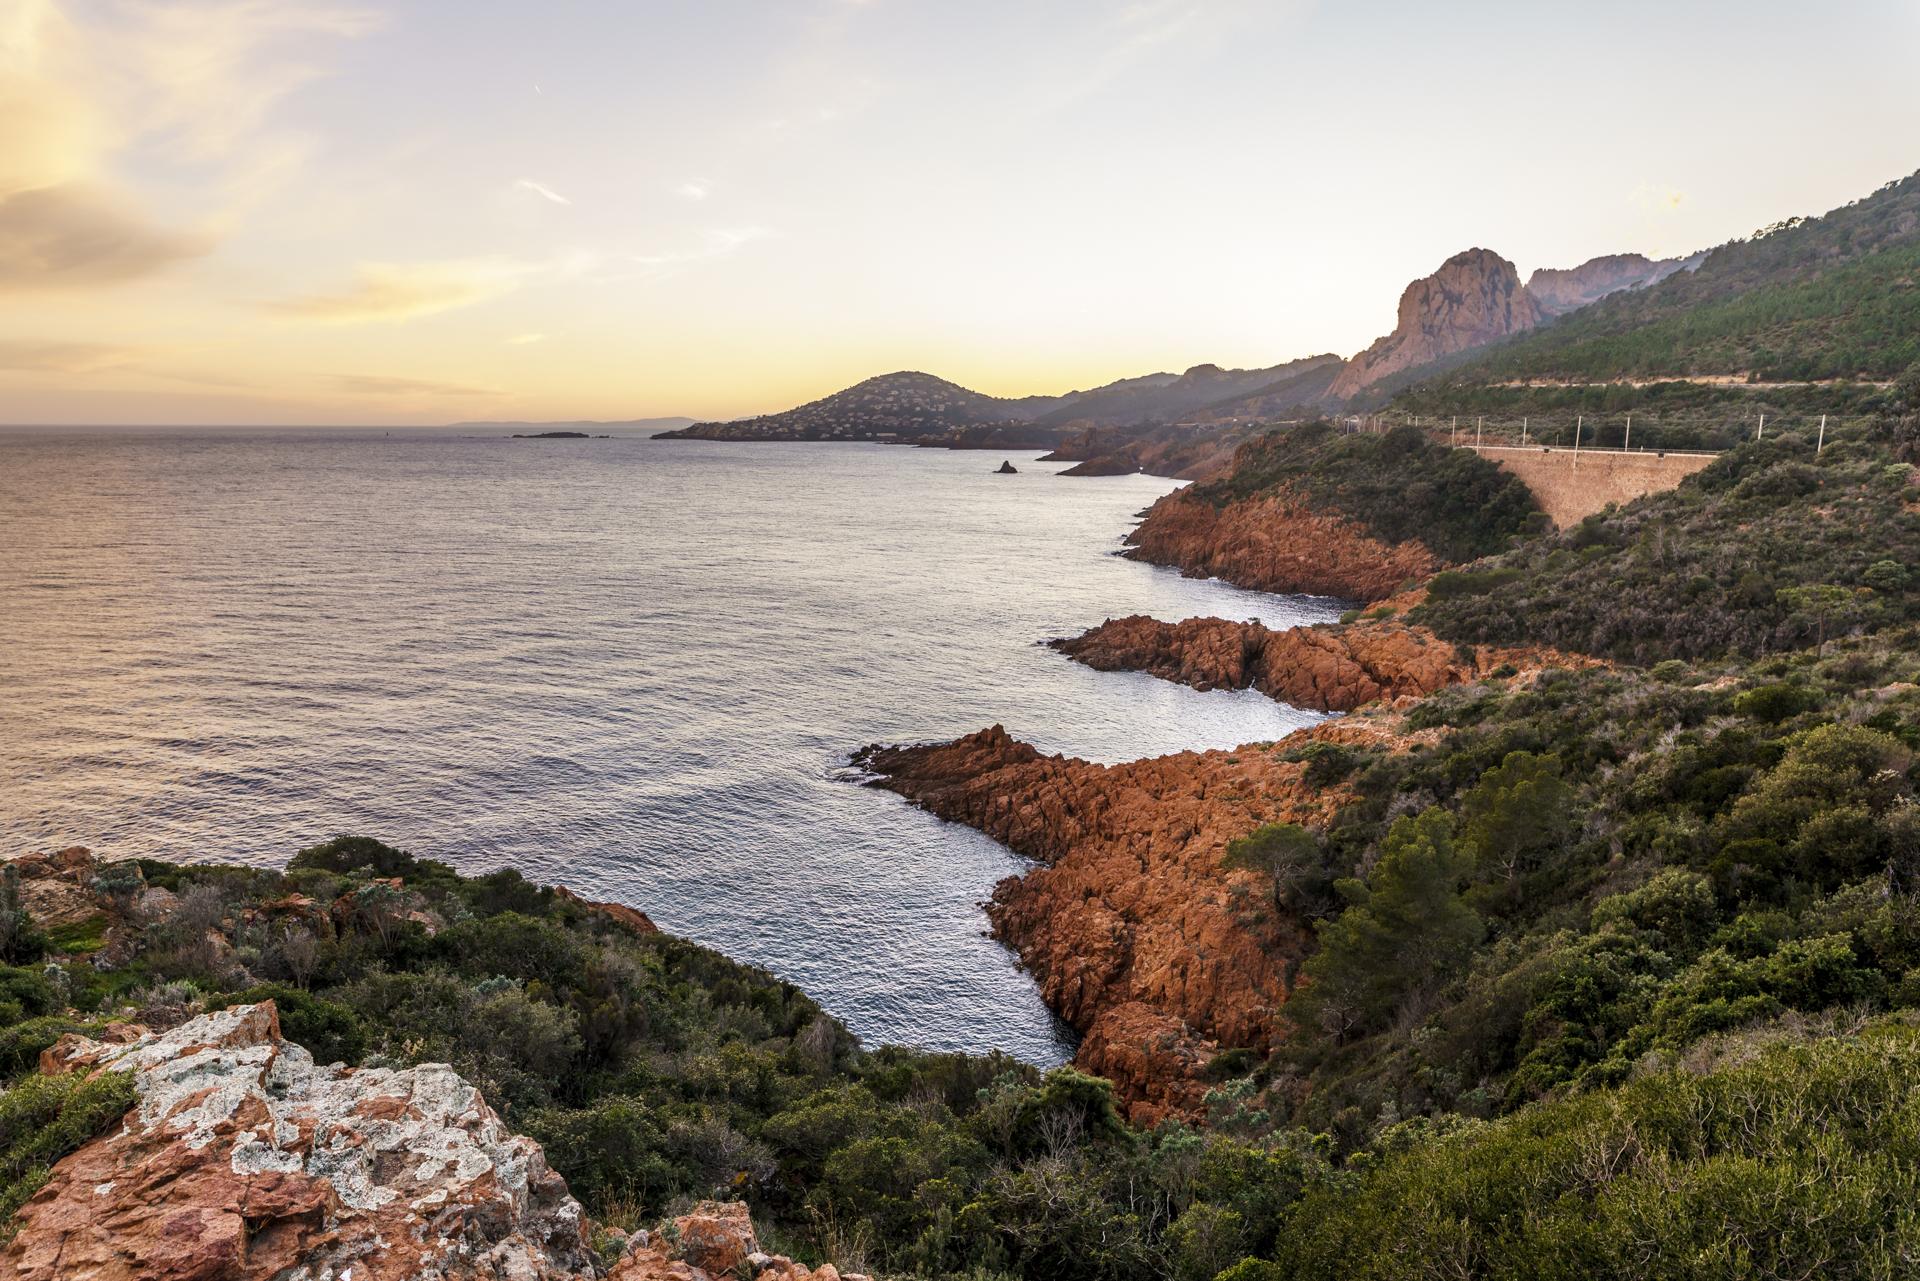 Pointe de l'observatoire Cap Roux